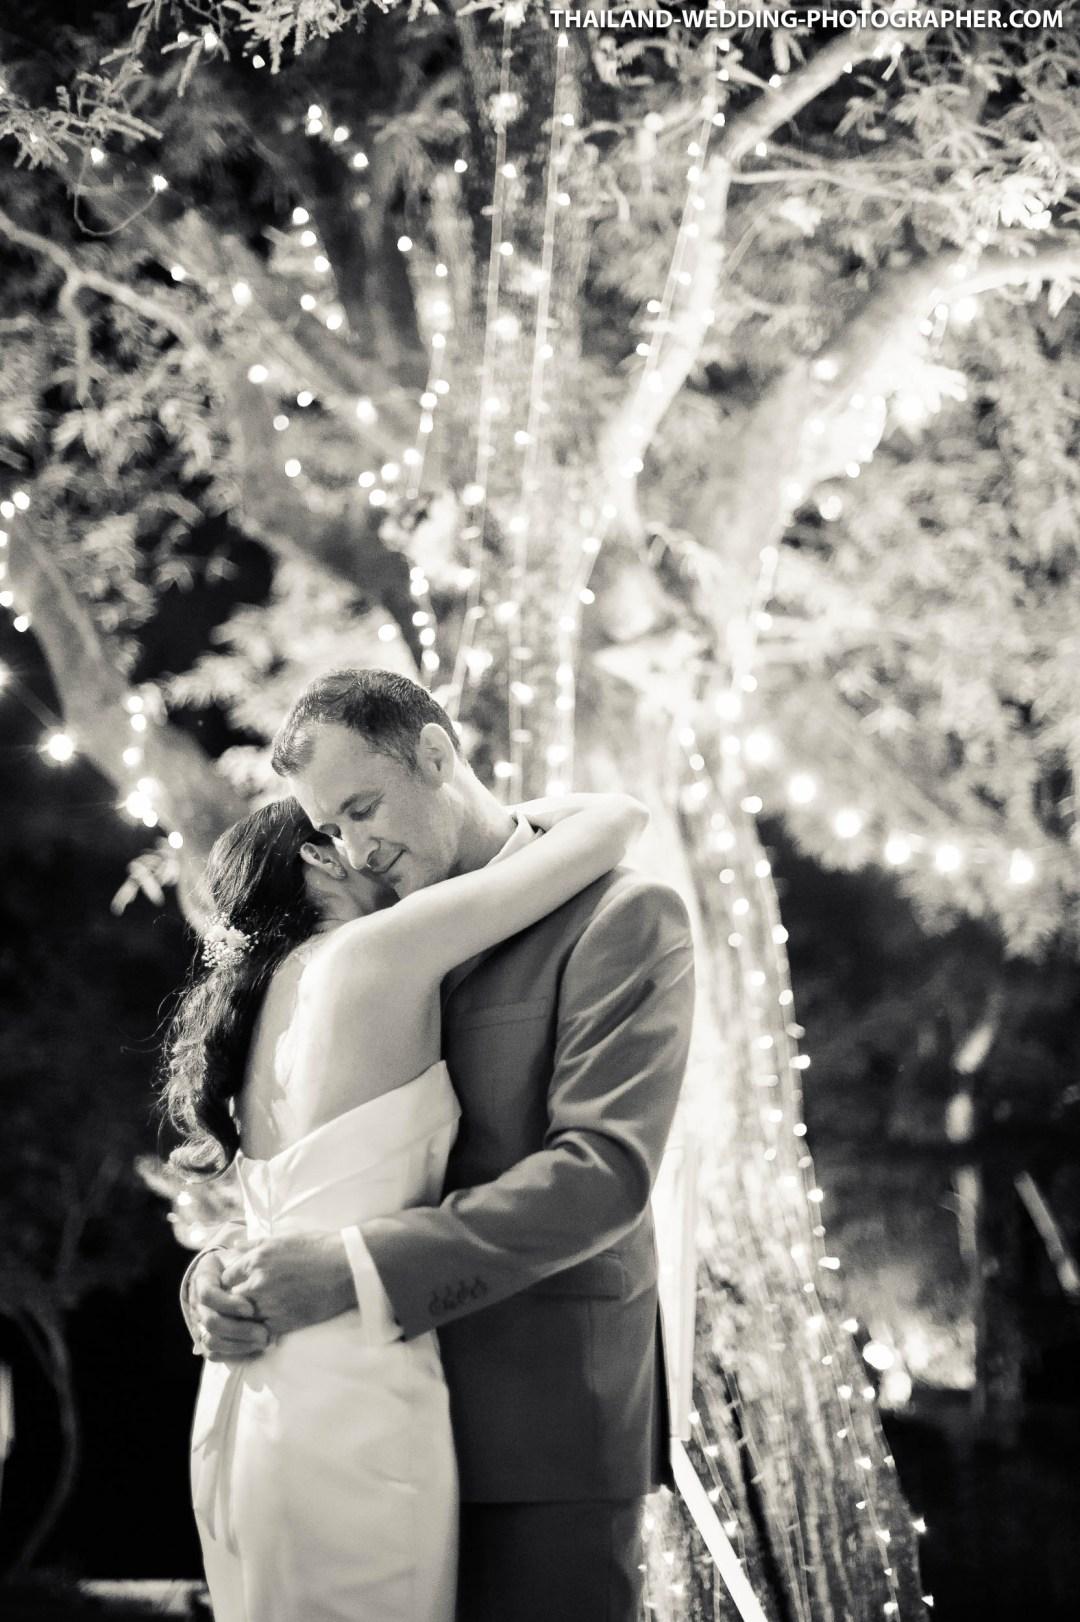 X2 Kui Buri Wedding | Hua Hin Thailand Wedding Photography